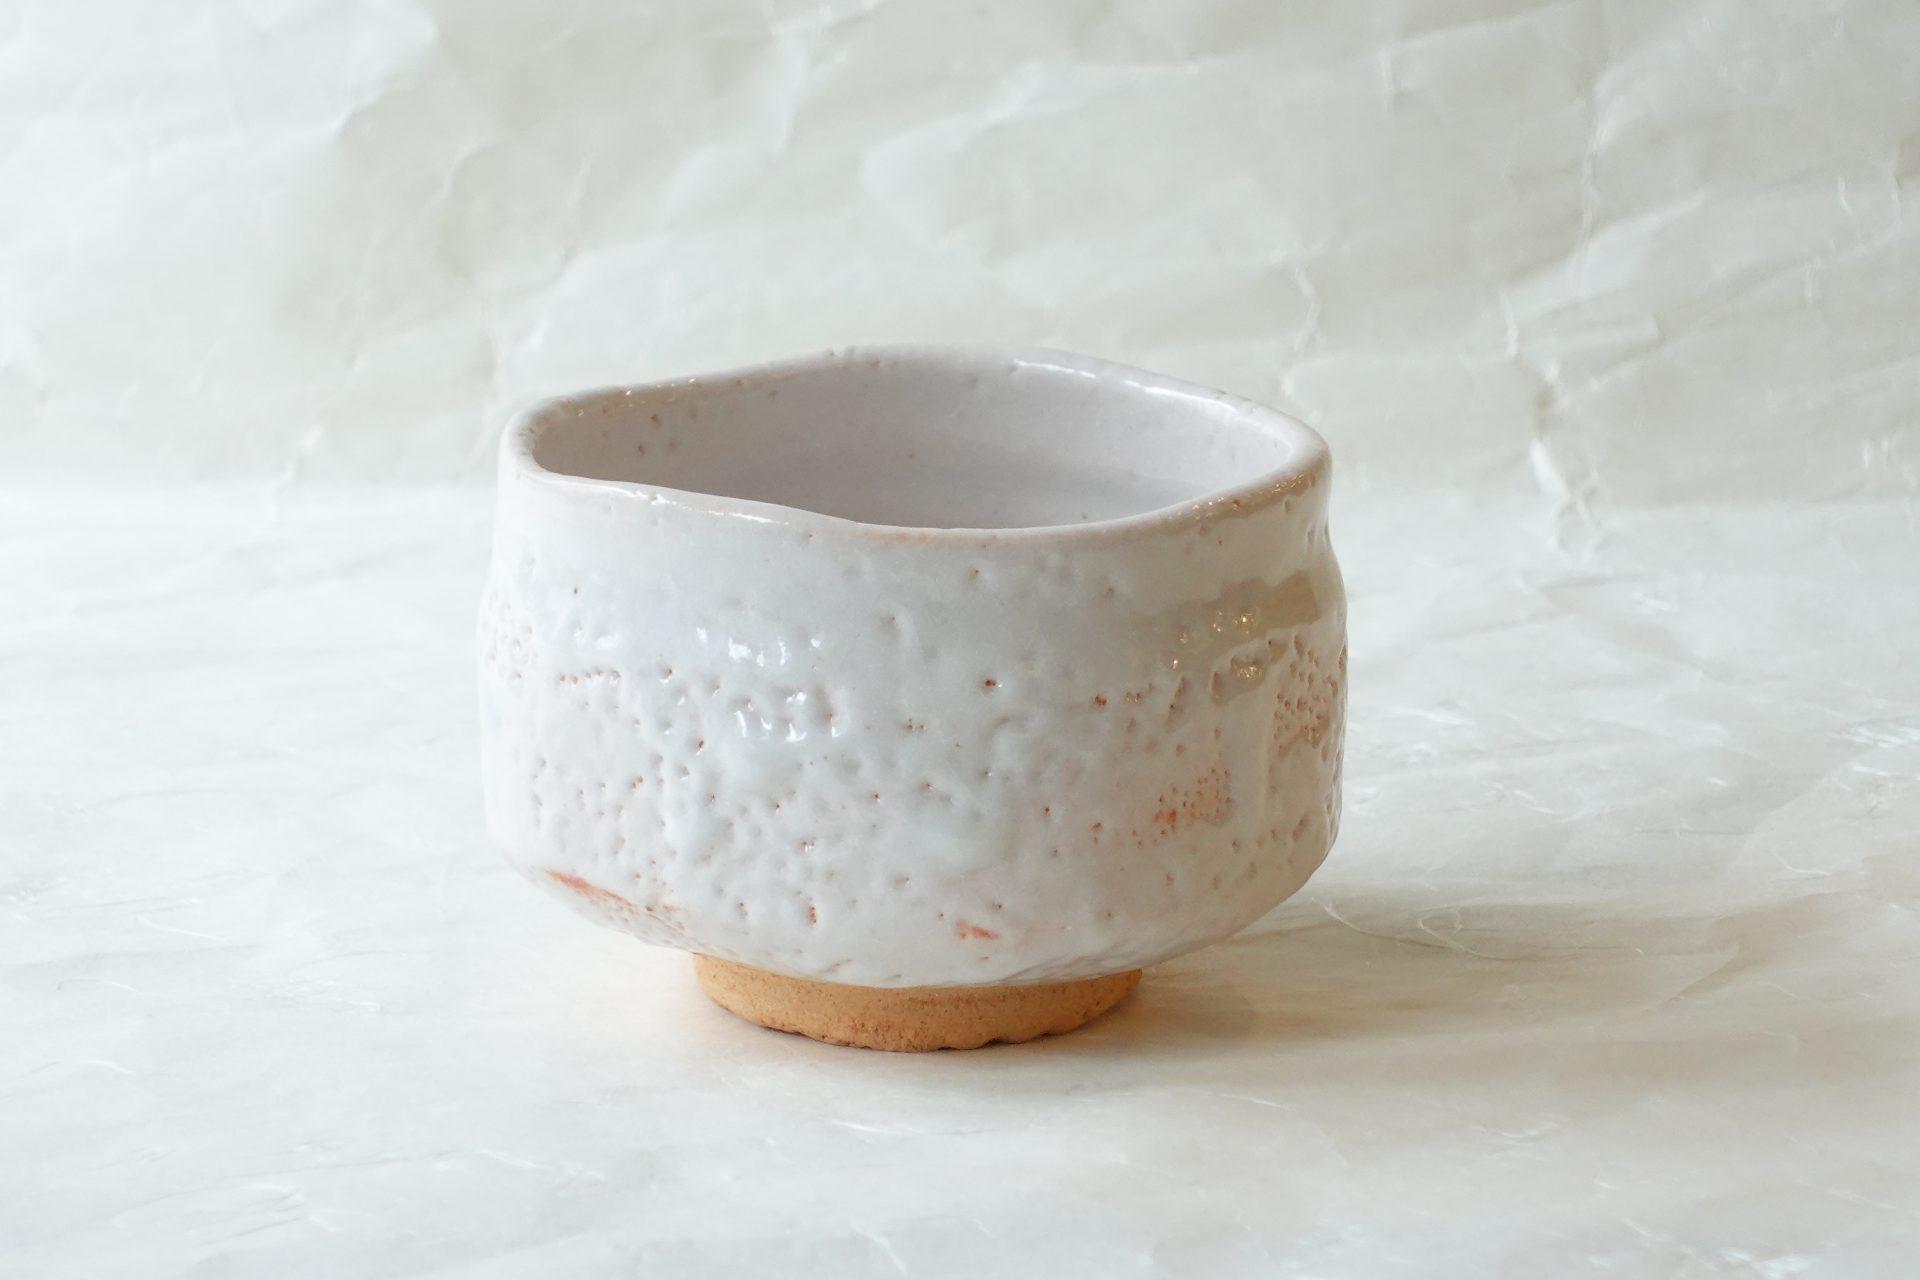 茶道具 陶器 美濃焼 加藤義人 白志野 抹茶碗 志野焼 美濃焼独自の焼物 大ぶり 重量感 羽反り型 飲みやすい形状